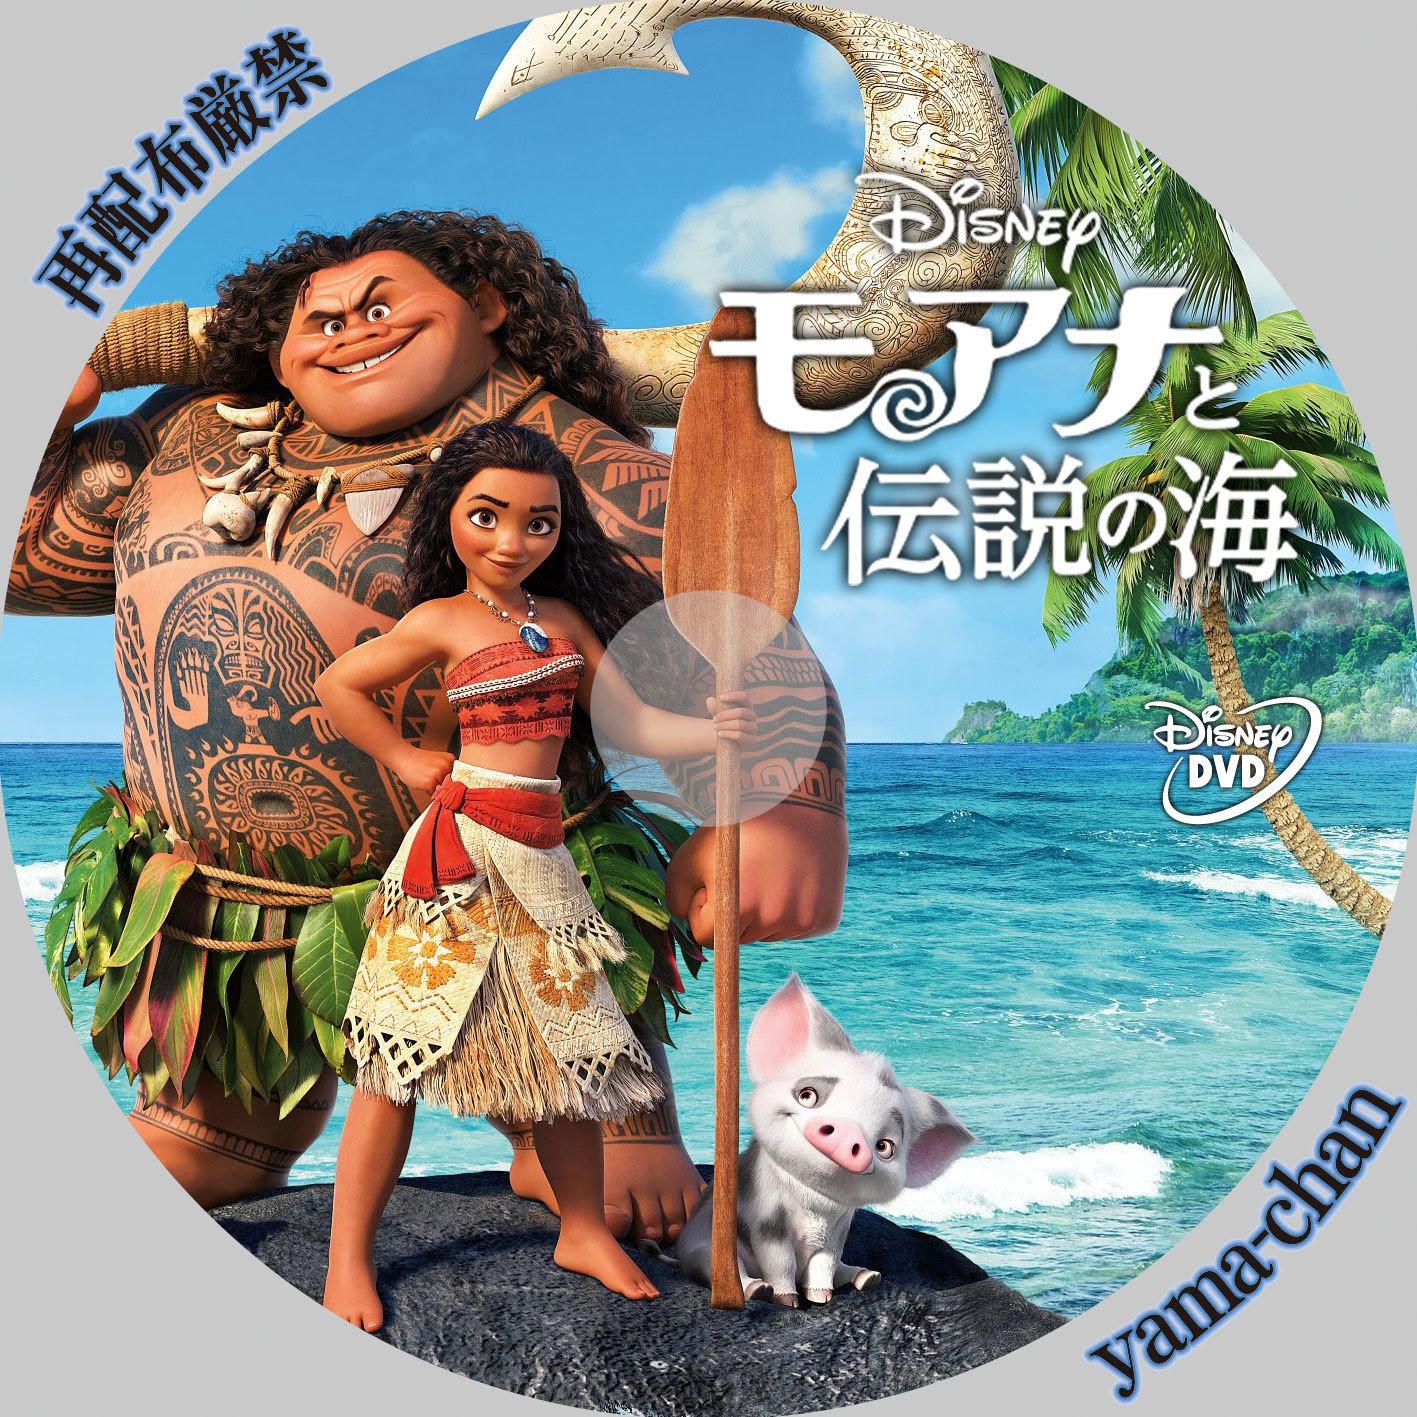 モアナと伝説の海 レーベル - 様々な写真のぬりえ